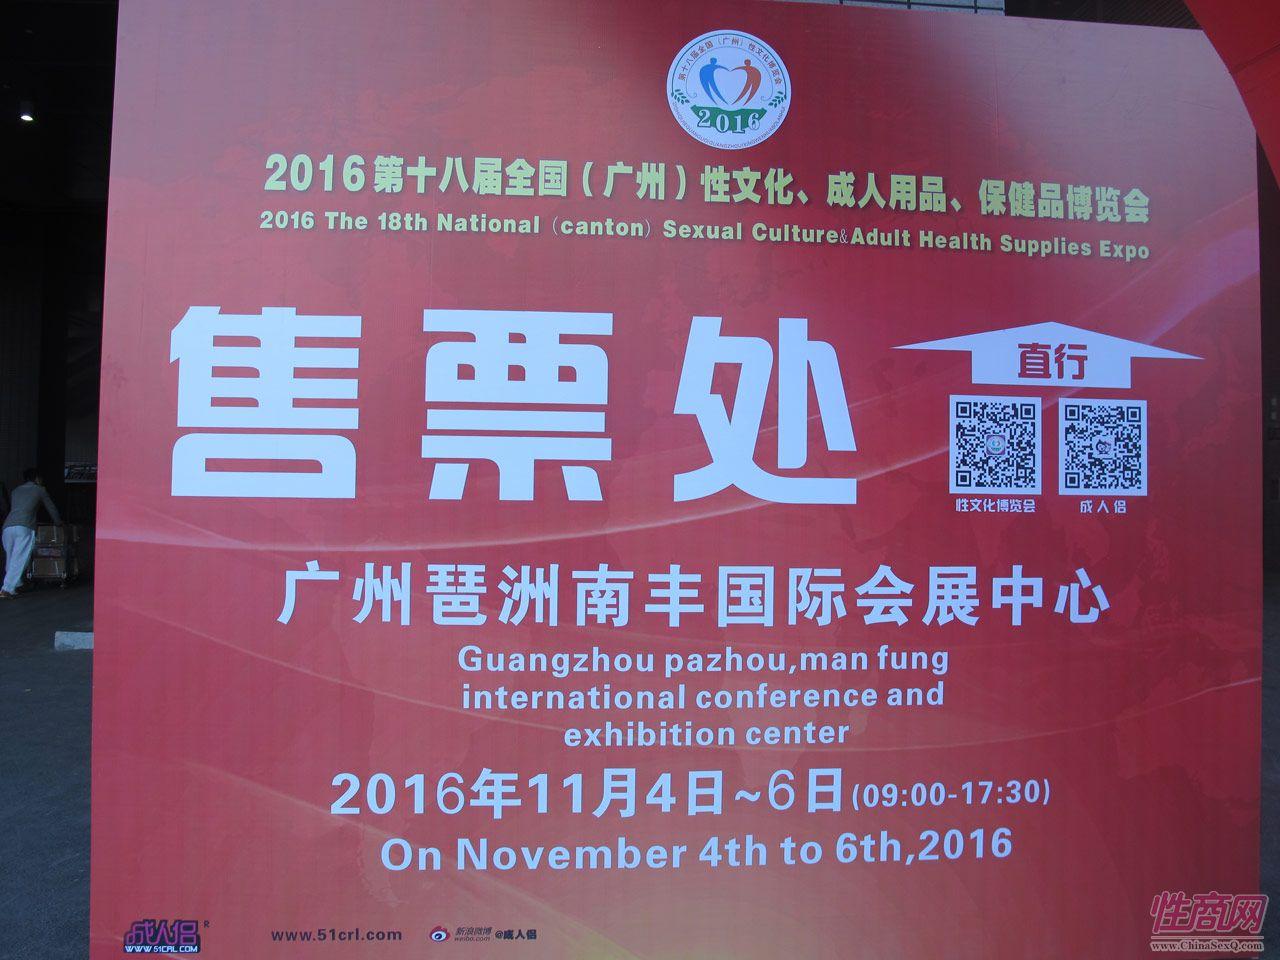 2016第十八届广州性文化节――展会现场图片4